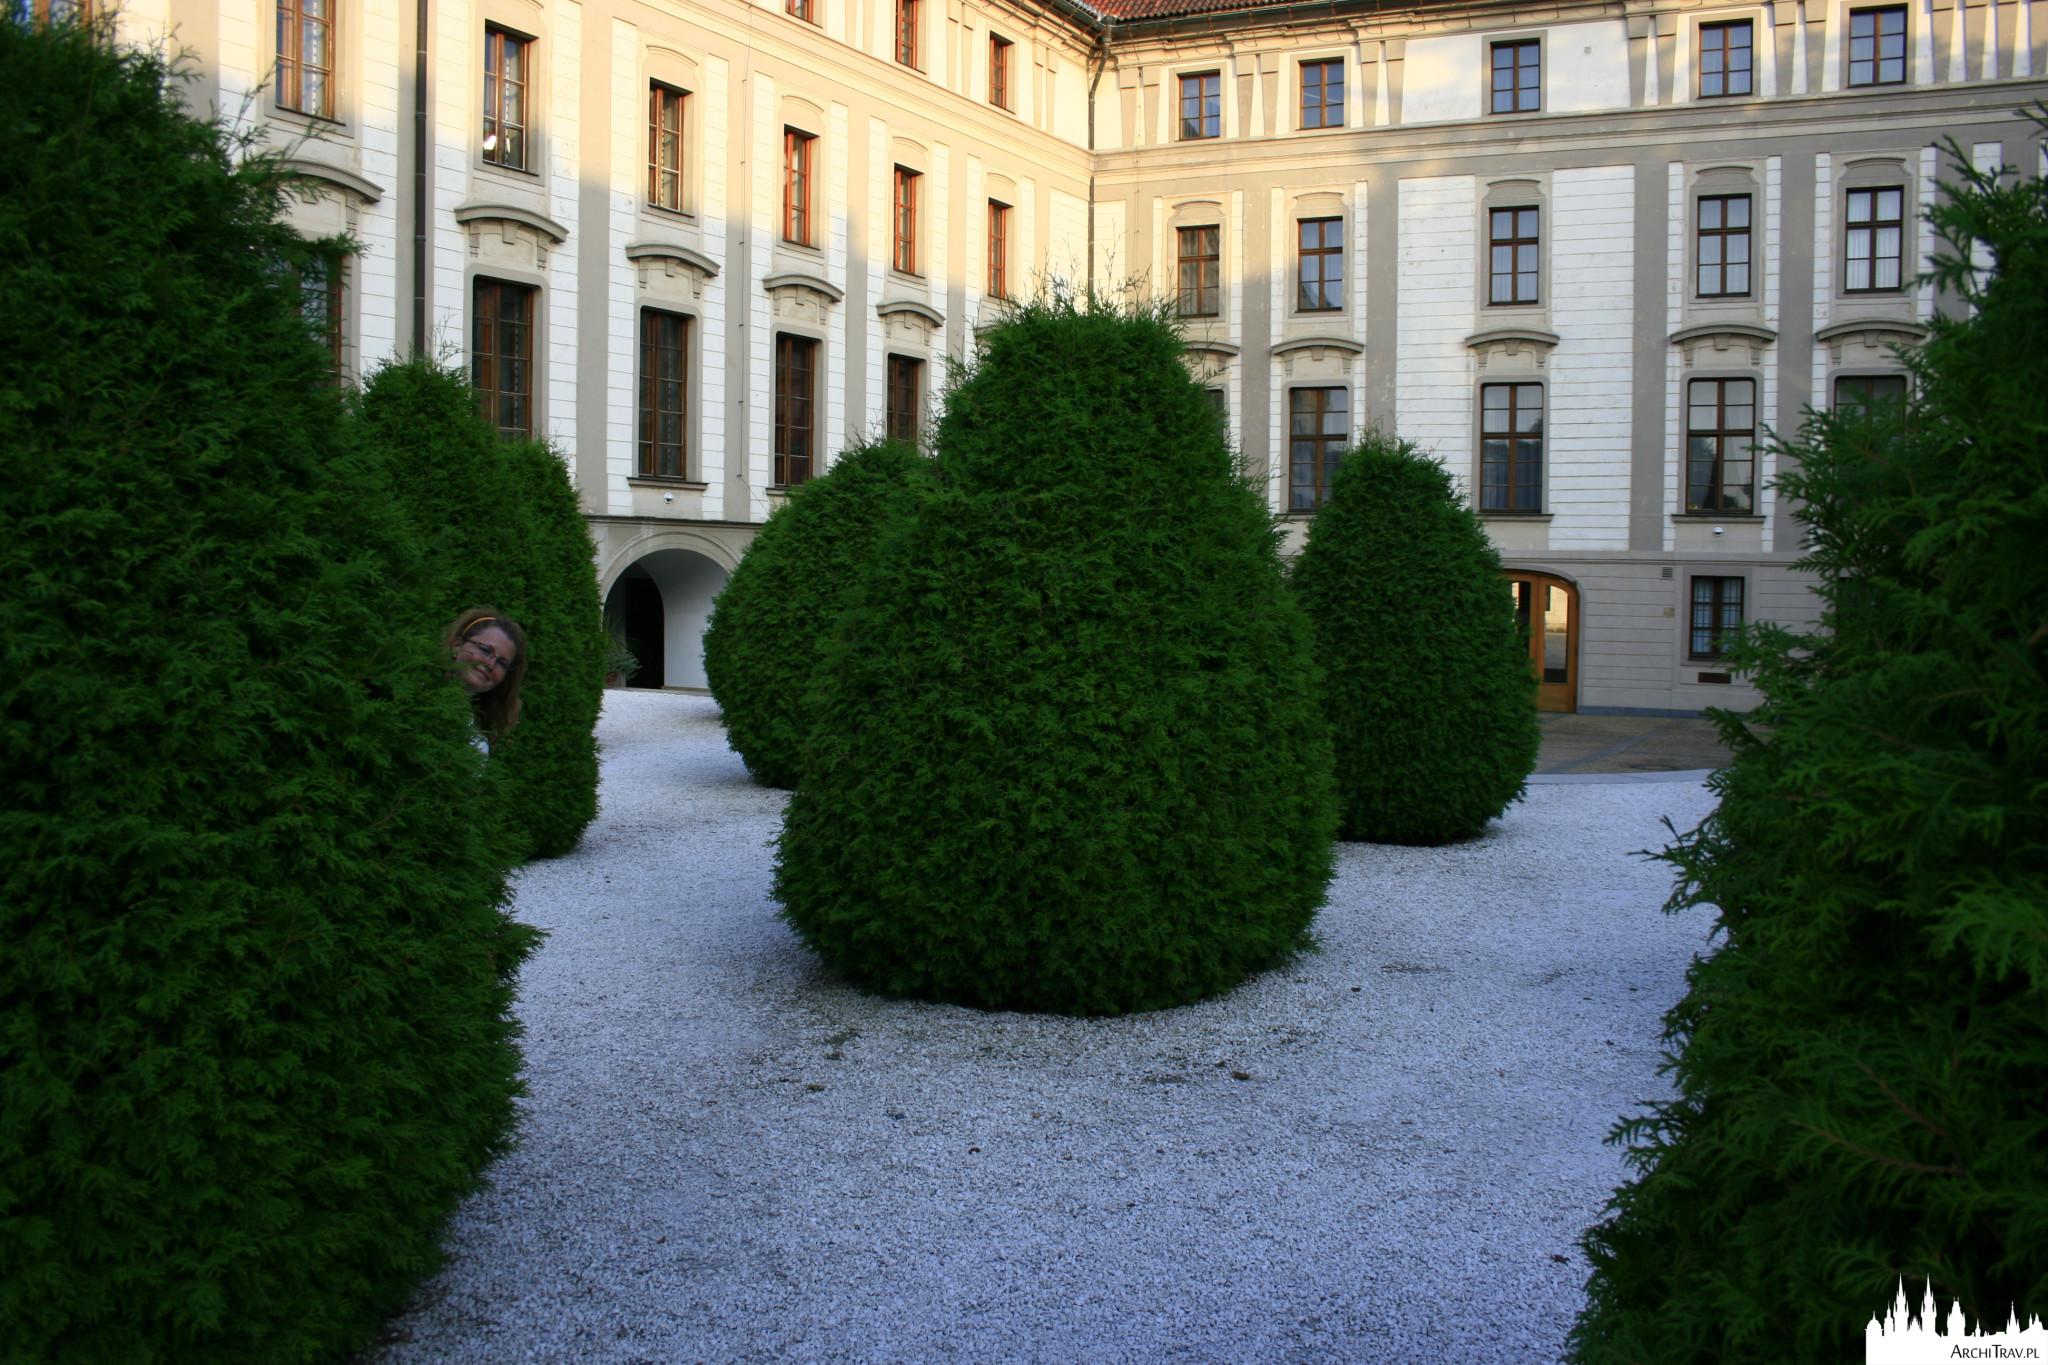 Ogród Basztowy - Zamek na Hradczanach